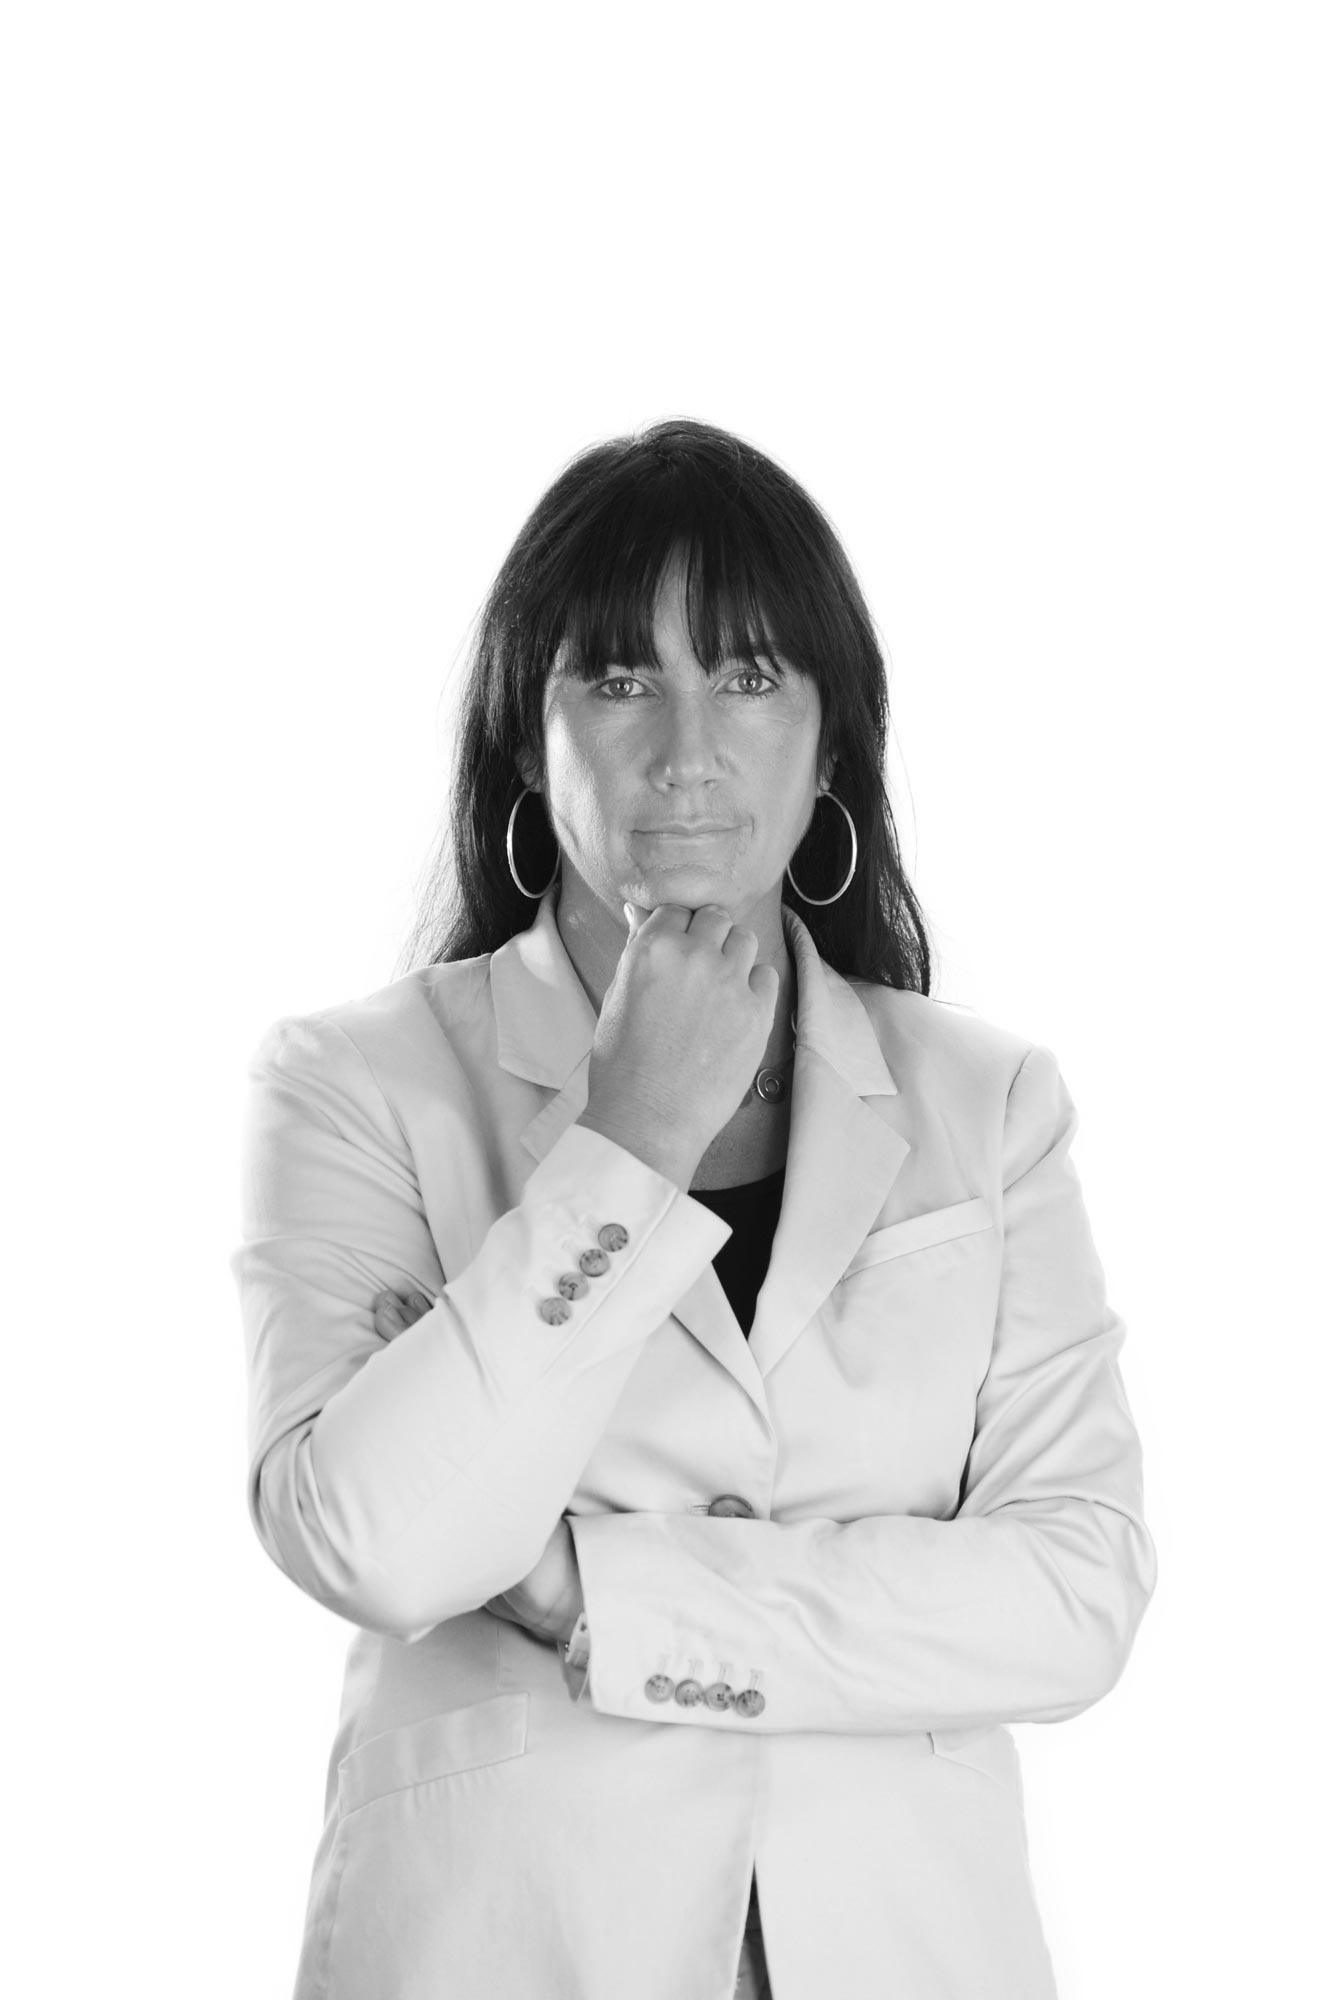 Françoise Bollen  Droit immobilier et de la construction Urbanisme et environnement   T  +32 (0)2 511 64 25  F  +32 (0)2 514 22 31  E :   f.bollen@wery.legal